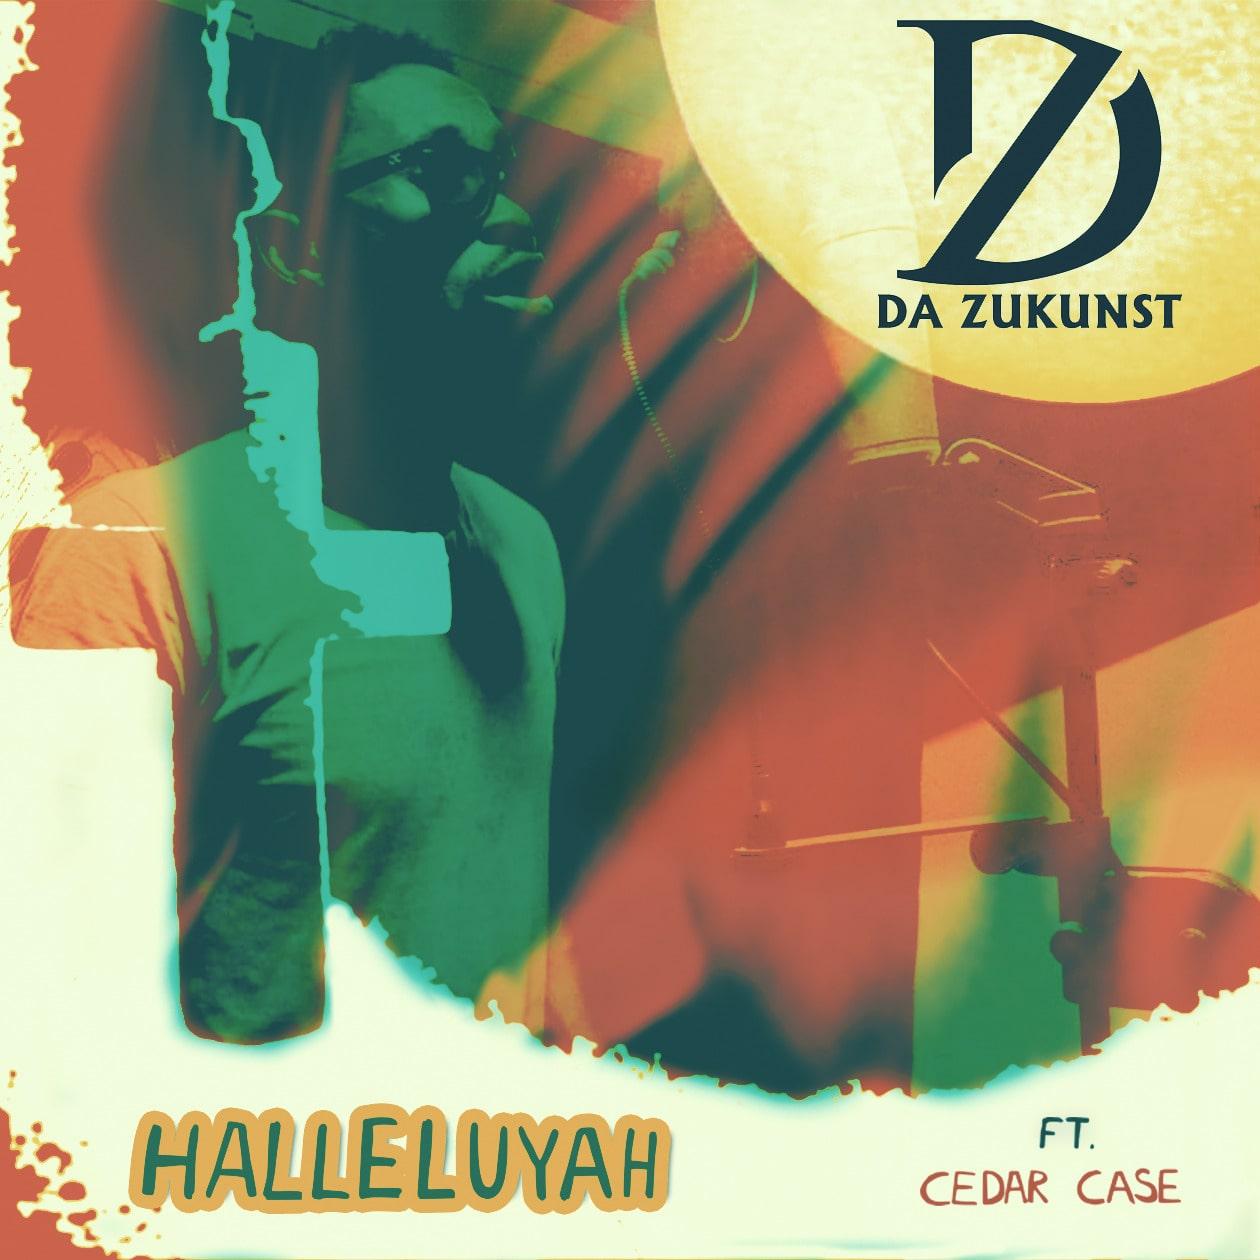 Da Zukunst featuringCedar Case in Halleluyah